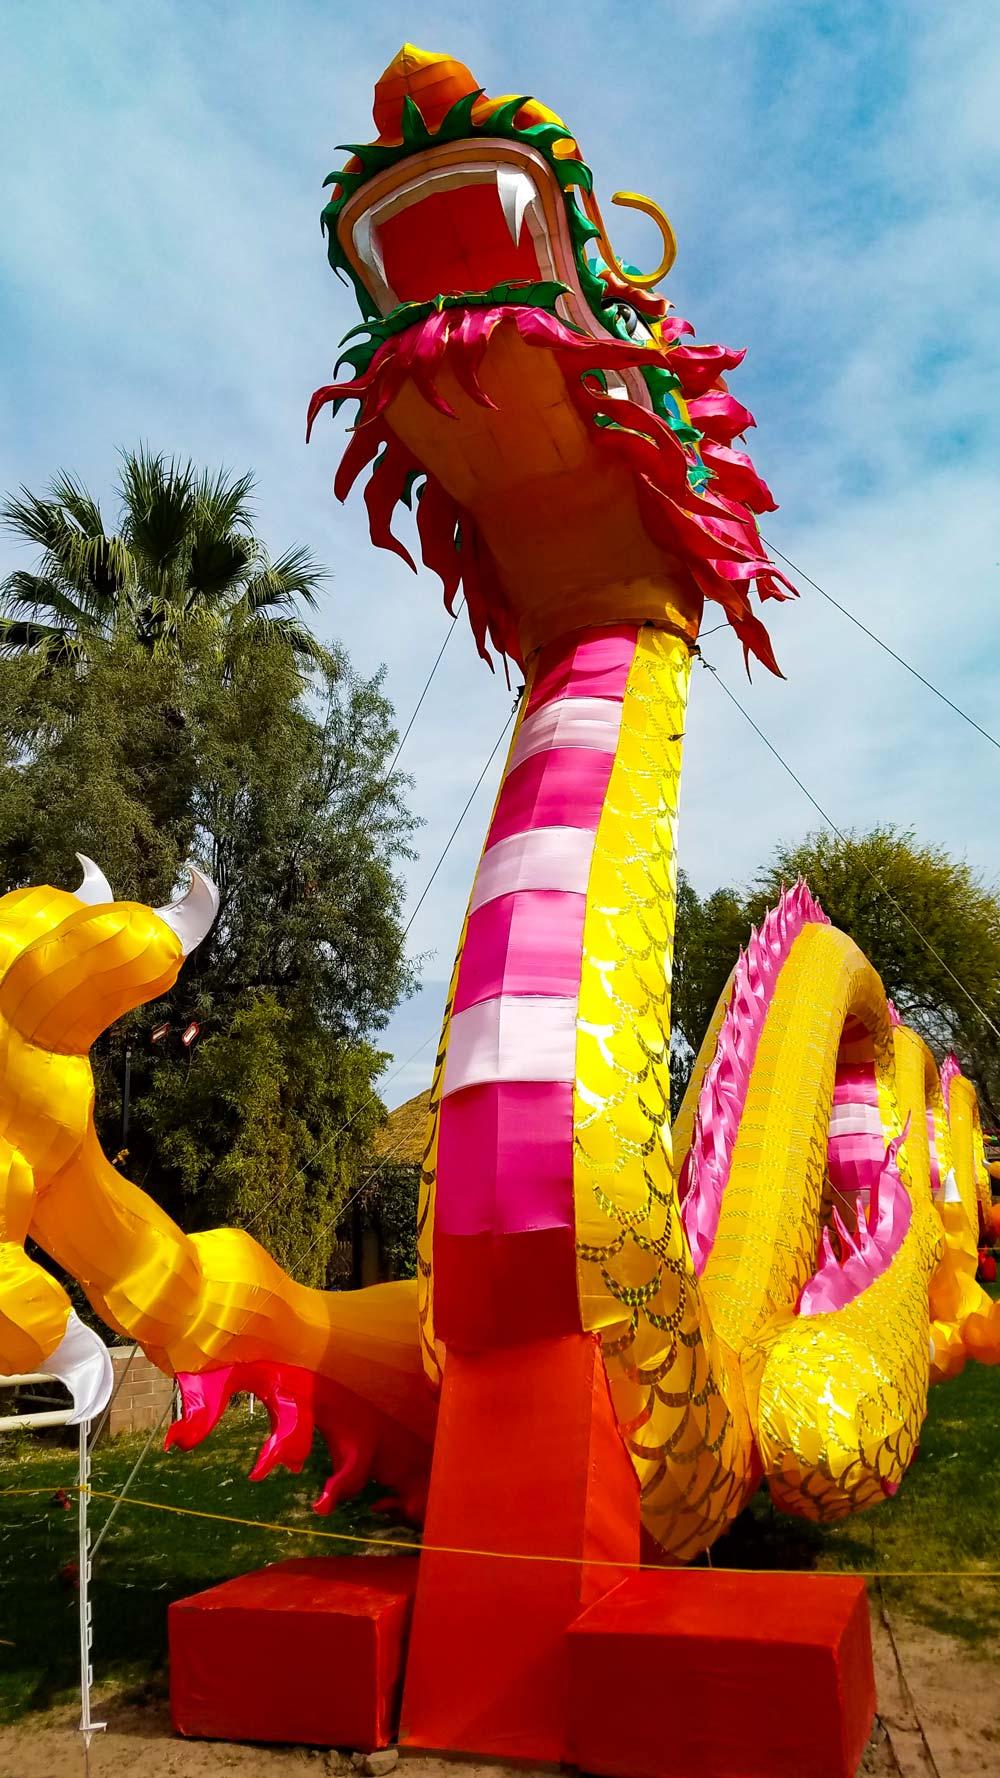 Dragon Lantern Festival